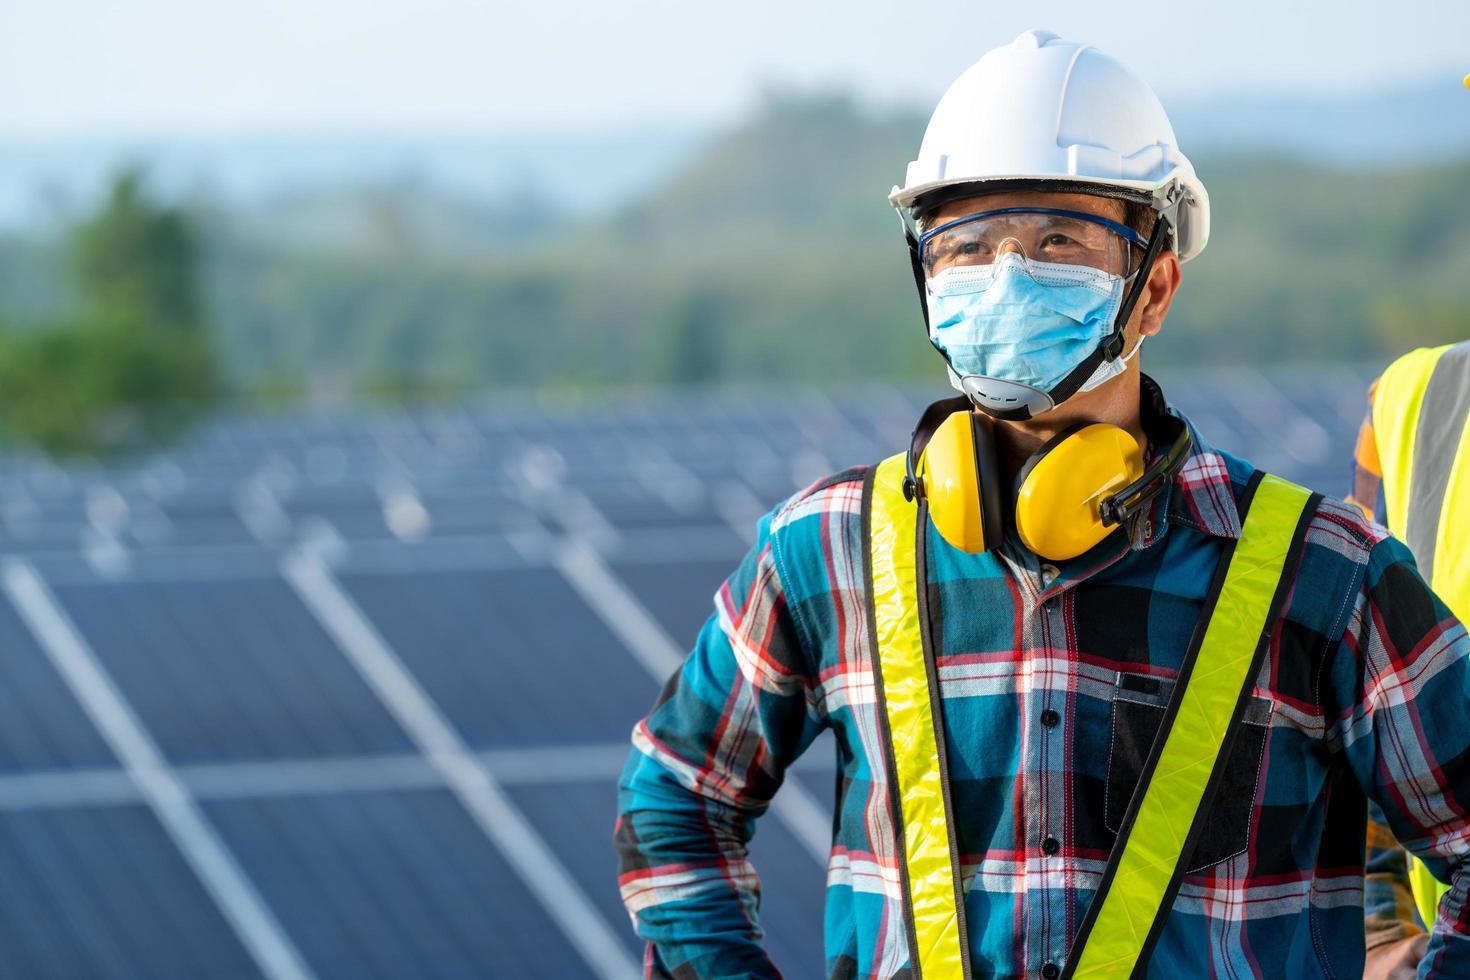 homme portant un équipement de sécurité à côté du panneau solaire photo